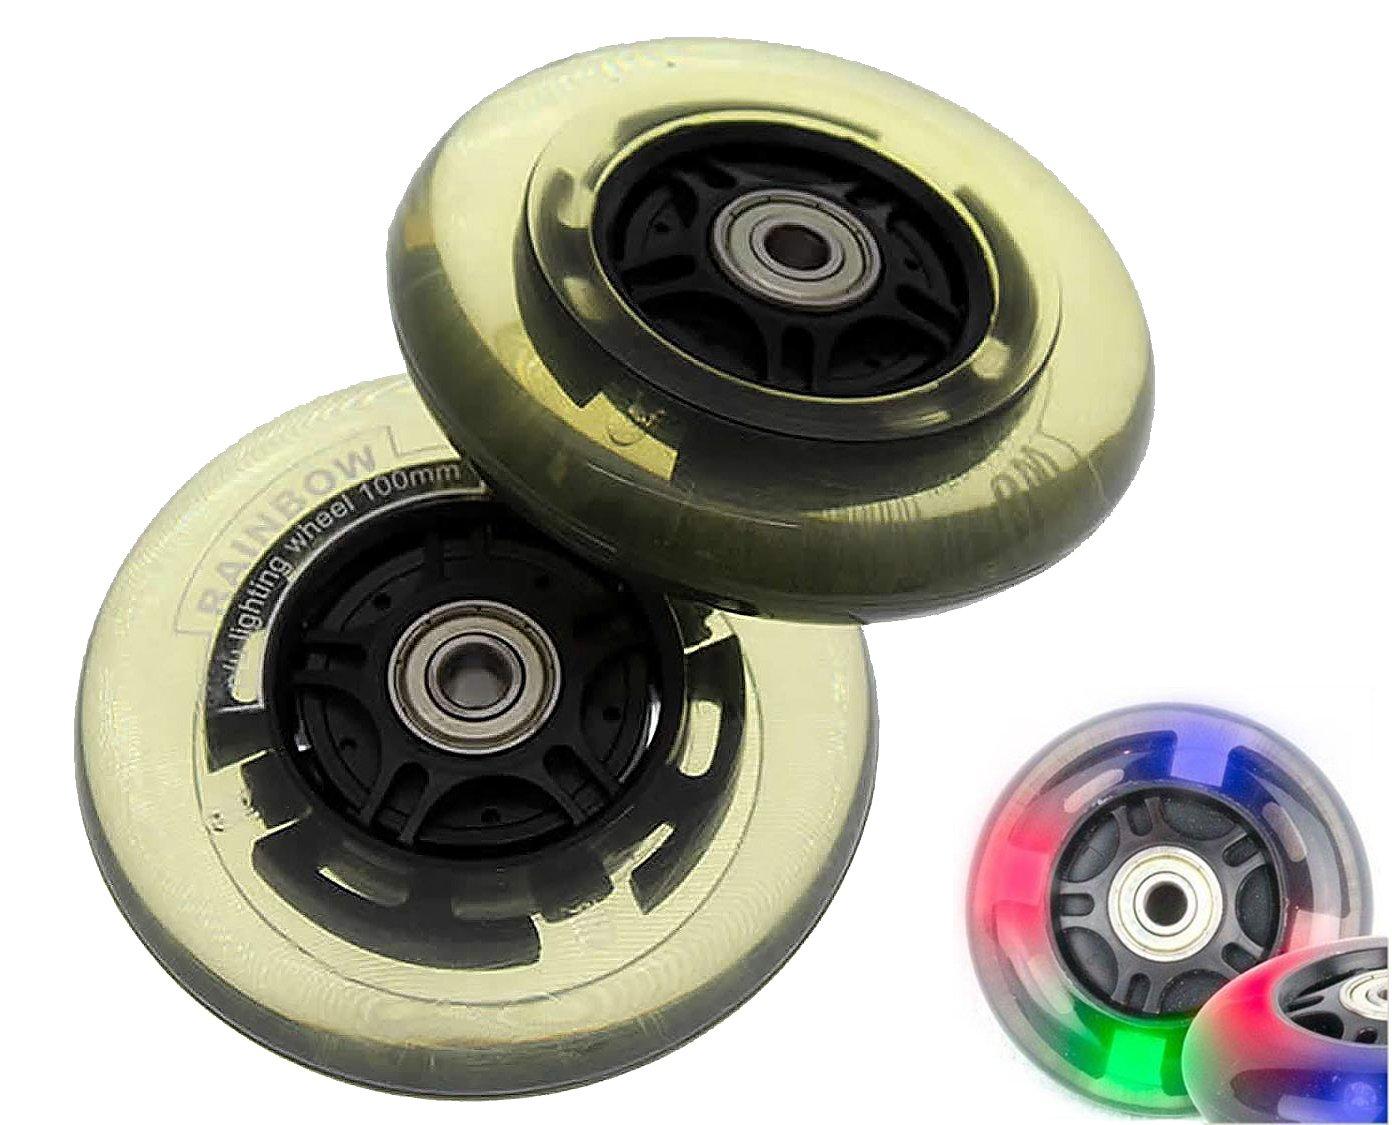 2 x P/U Bombilla de ruedas de repuesto ruedas Rueda Patinete ...